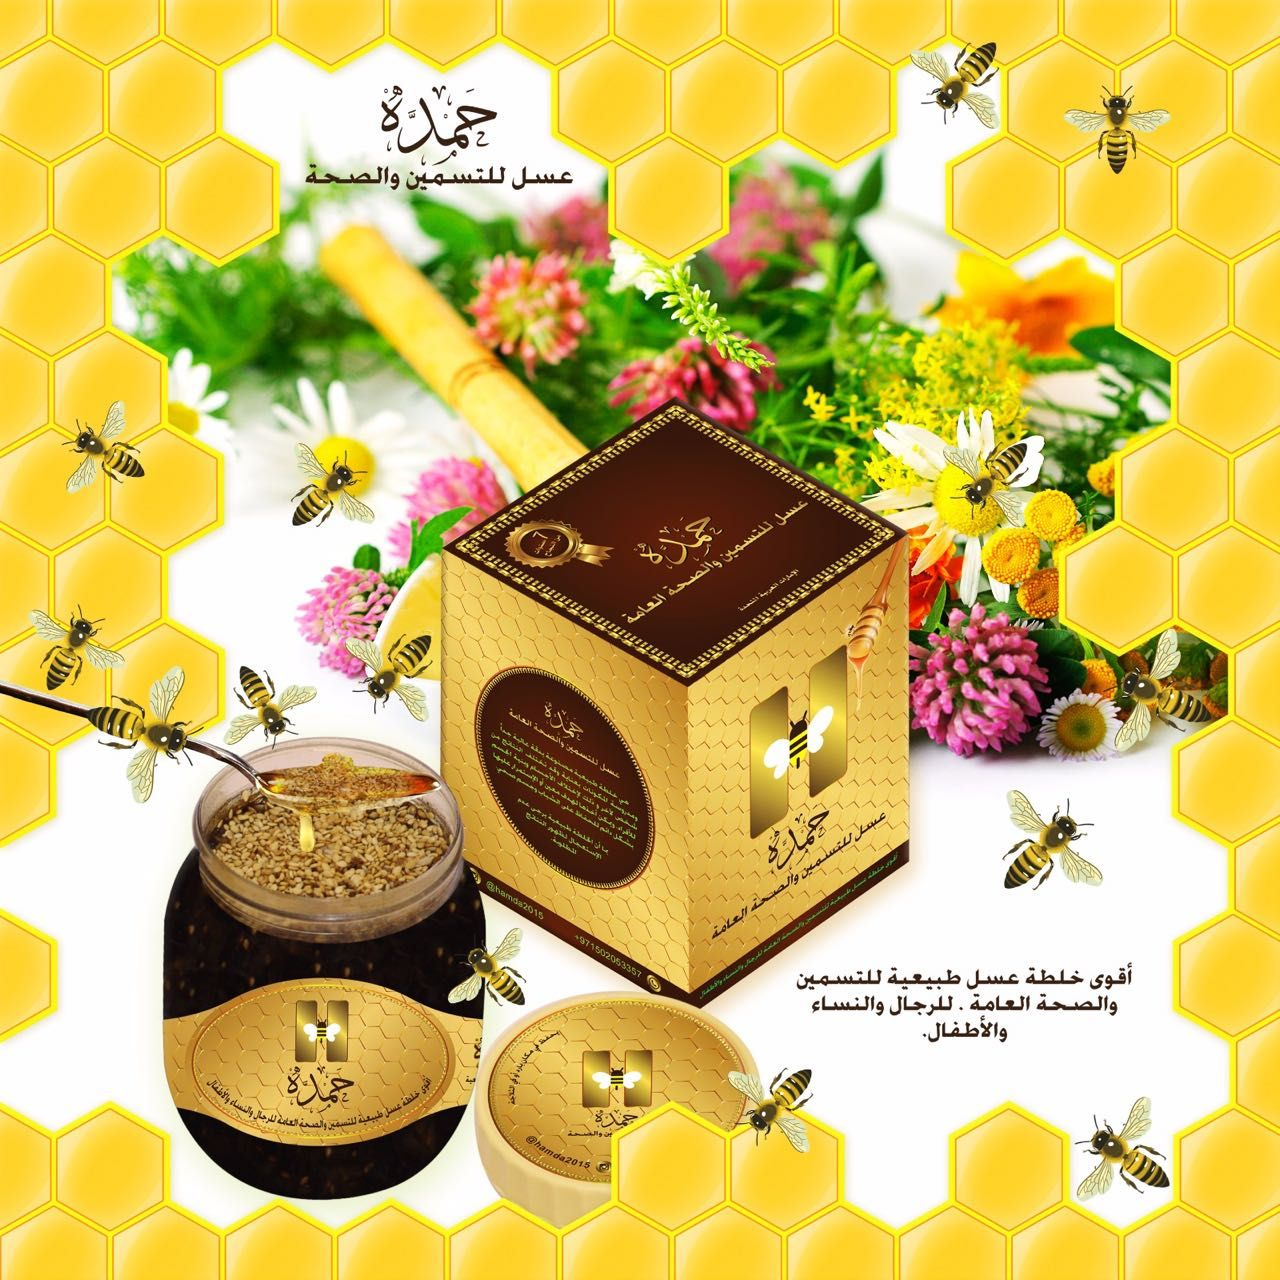 الحساب إعلانات الإمارات الدولة الامارات الموبايل 00971502053357 معلومات الإعلان عسل ومكسرات وأعشاب خاصه تستع Gift Wrapping Gifts Wrap